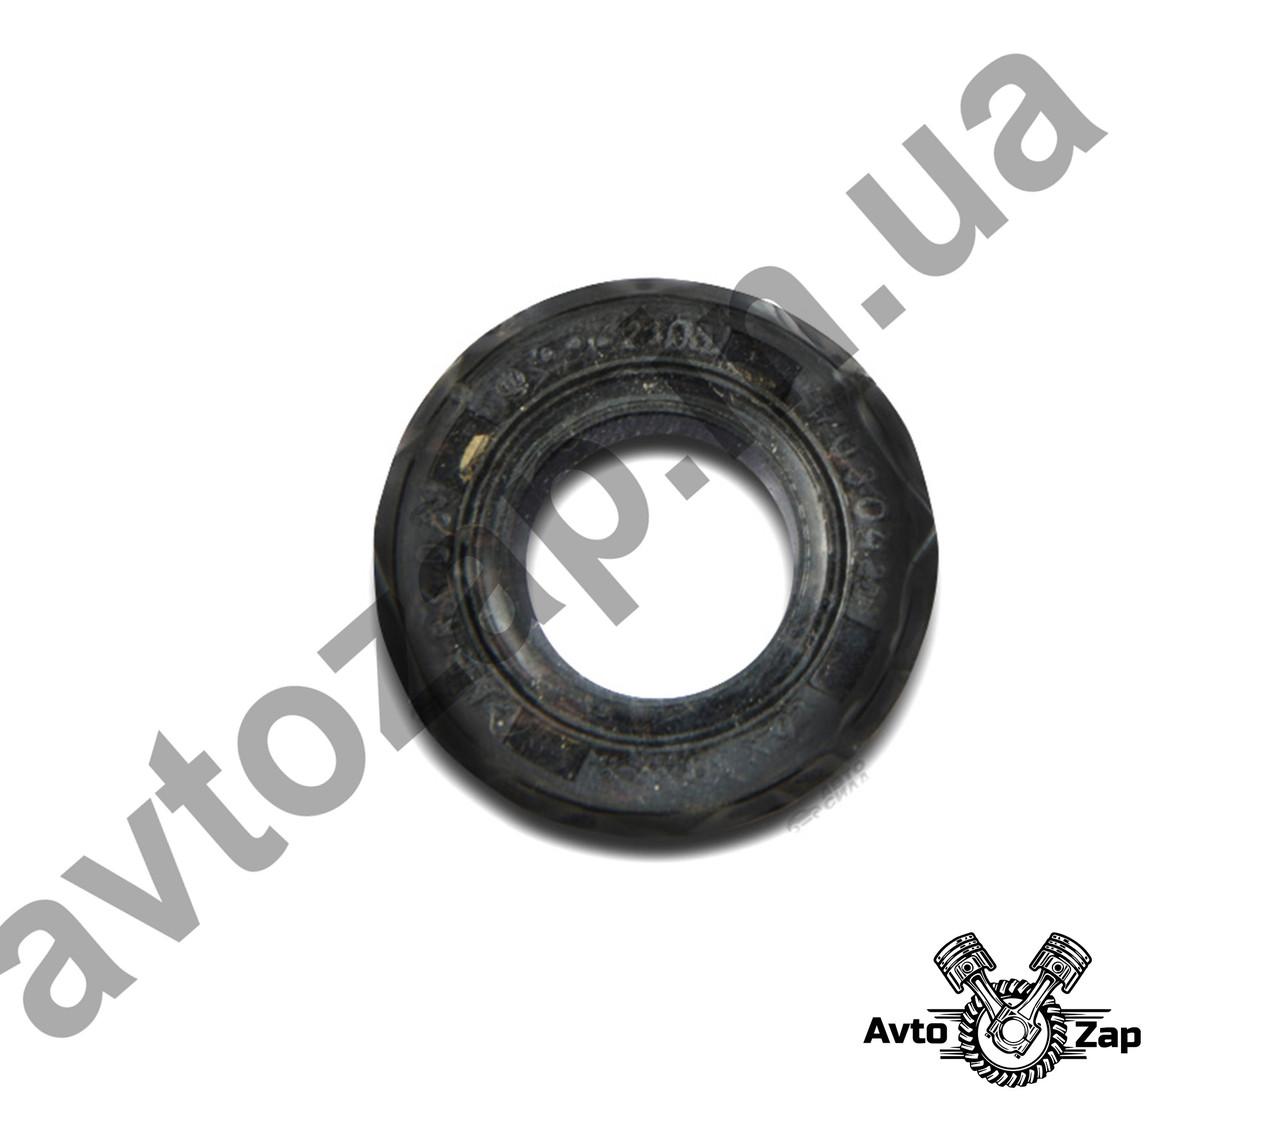 Сальник штока выбора передач КПП ВАЗ 2110-12, 16x30x7 мм, обрезиненный.  04241